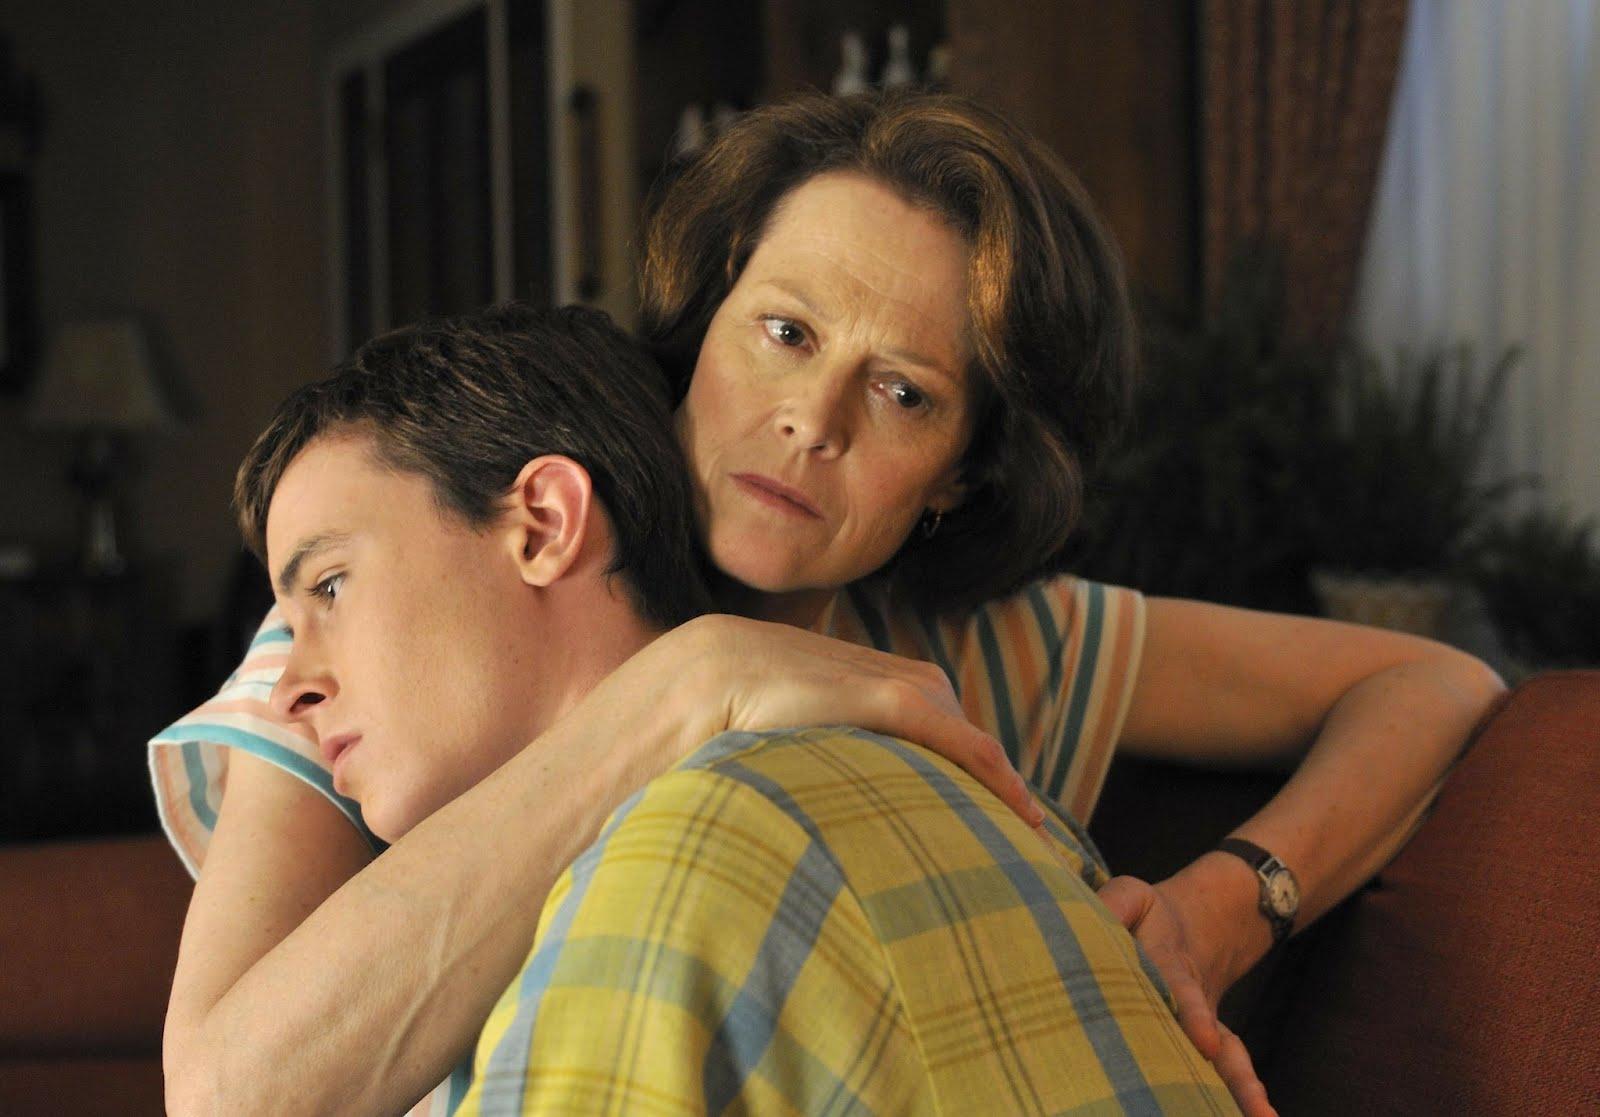 Связь мама и сын 21 фотография